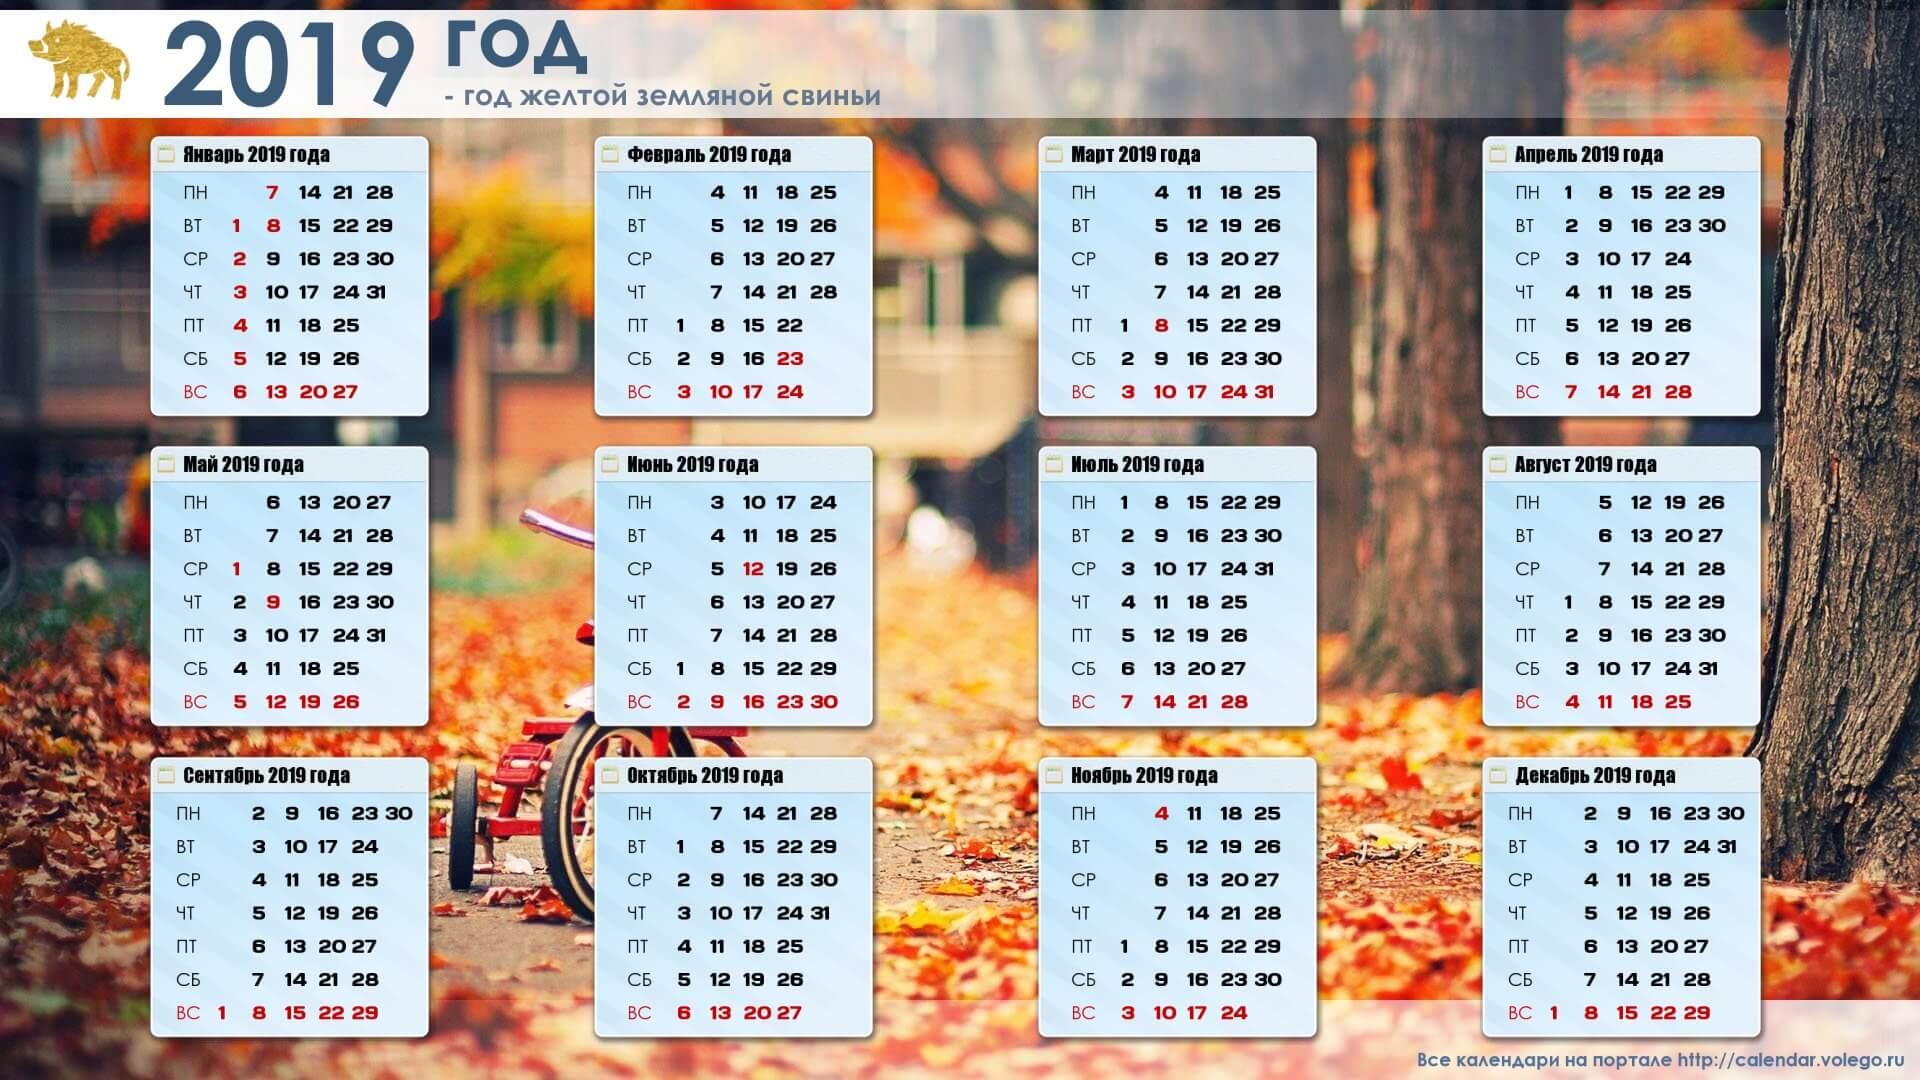 Красивые календари на 2019 год - отличная подборка 16